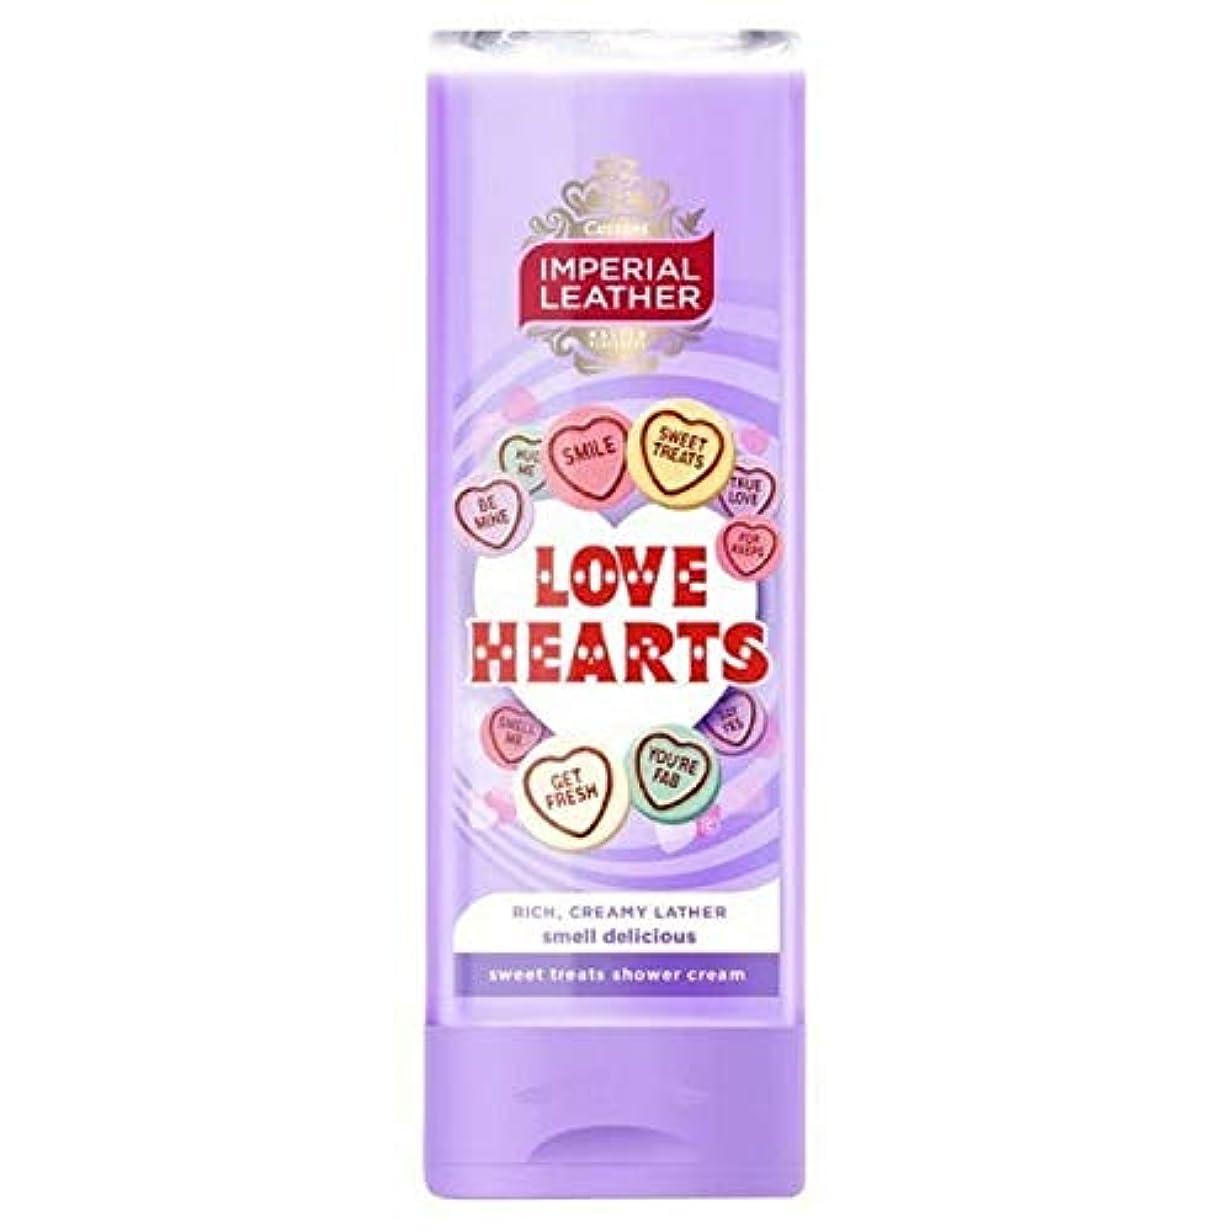 角度千スリンク[Imperial Leather ] 帝国革の愛の心シャワージェル250ミリリットル - Imperial Leather Love Hearts Shower Gel 250ml [並行輸入品]